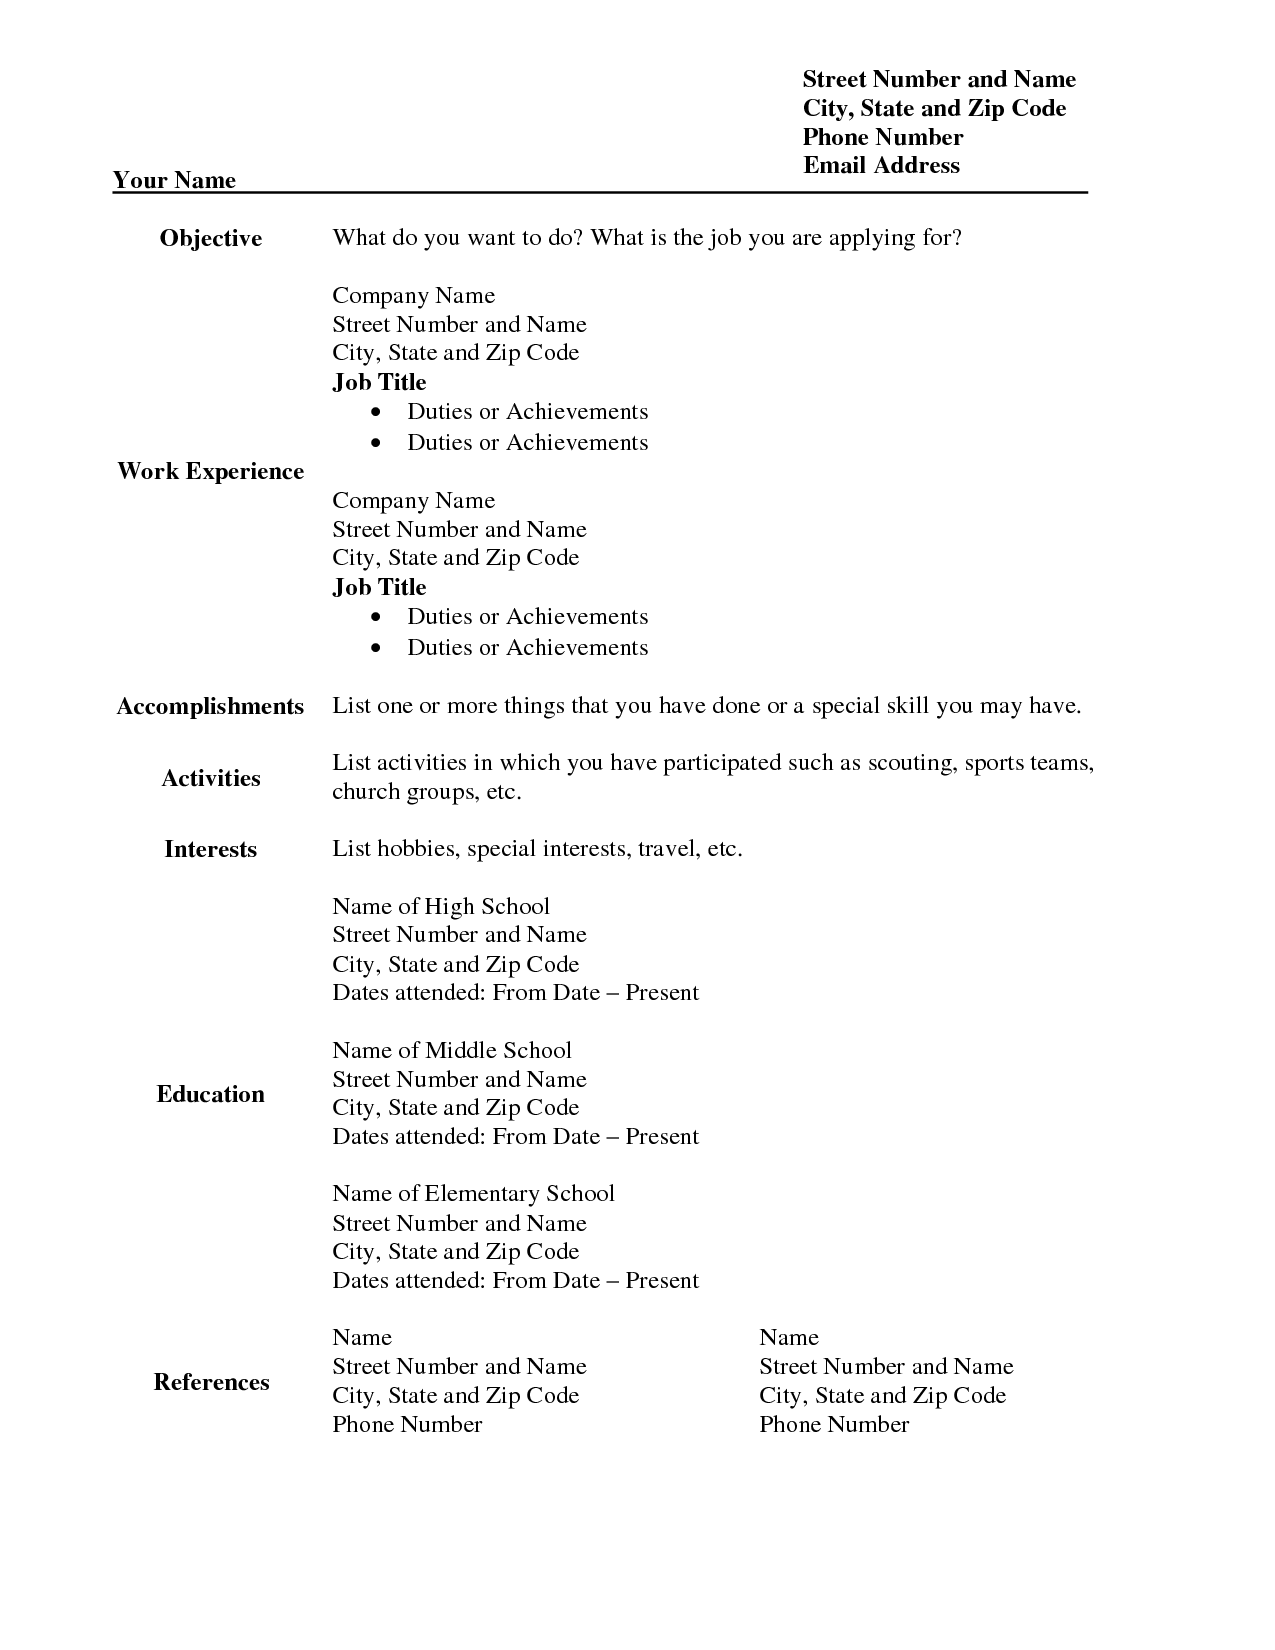 Resume Format Printable in 2020 Free printable resume